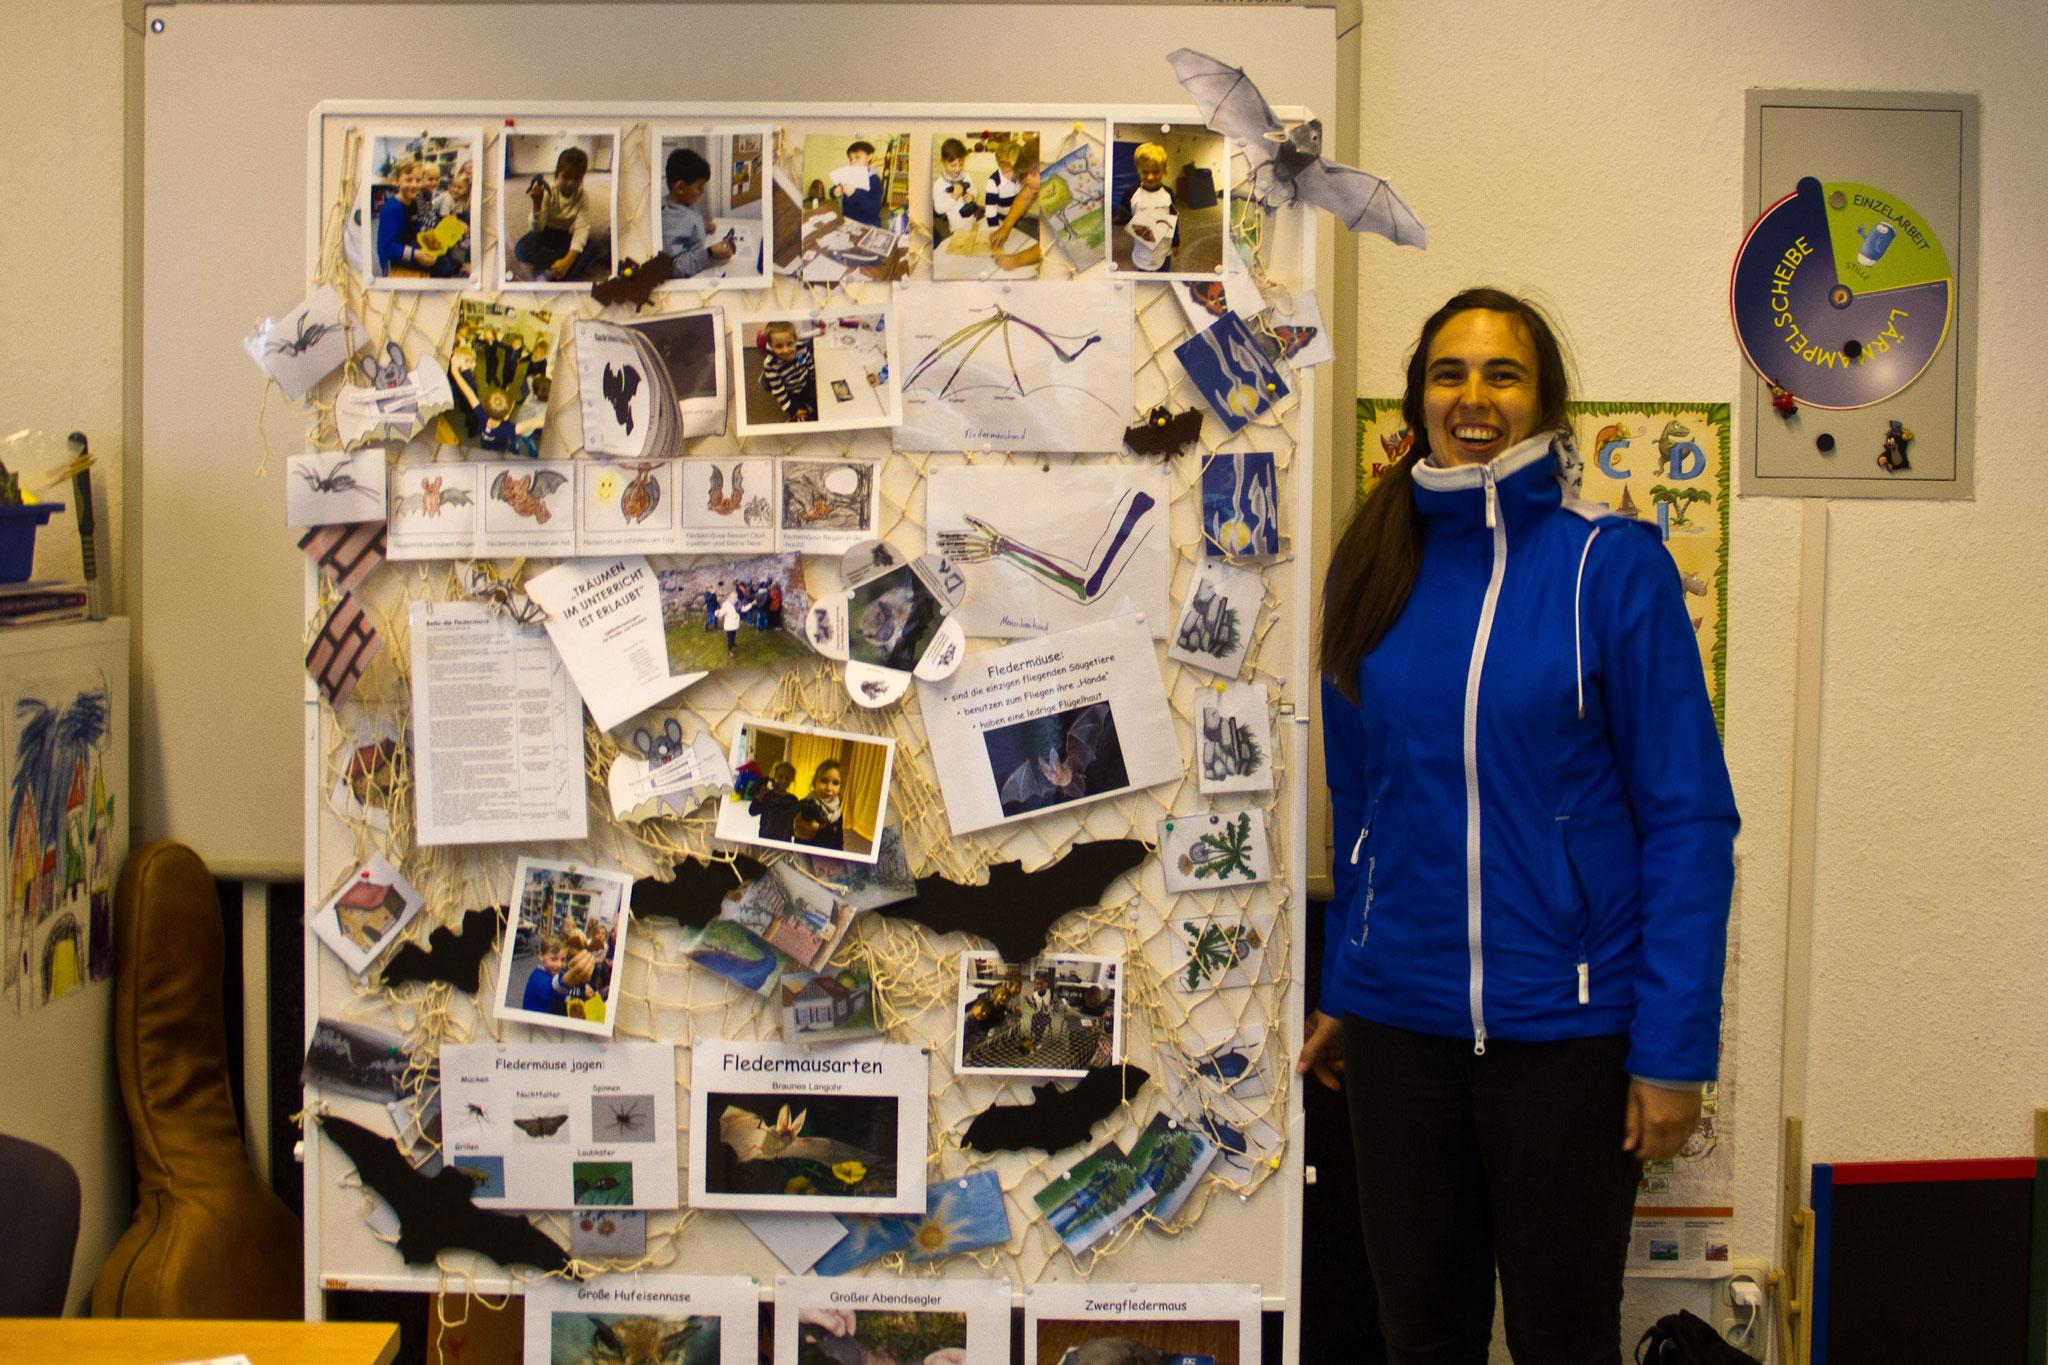 Angela Zimmermann an der Universitas mit dem Thema Fledermäuse.